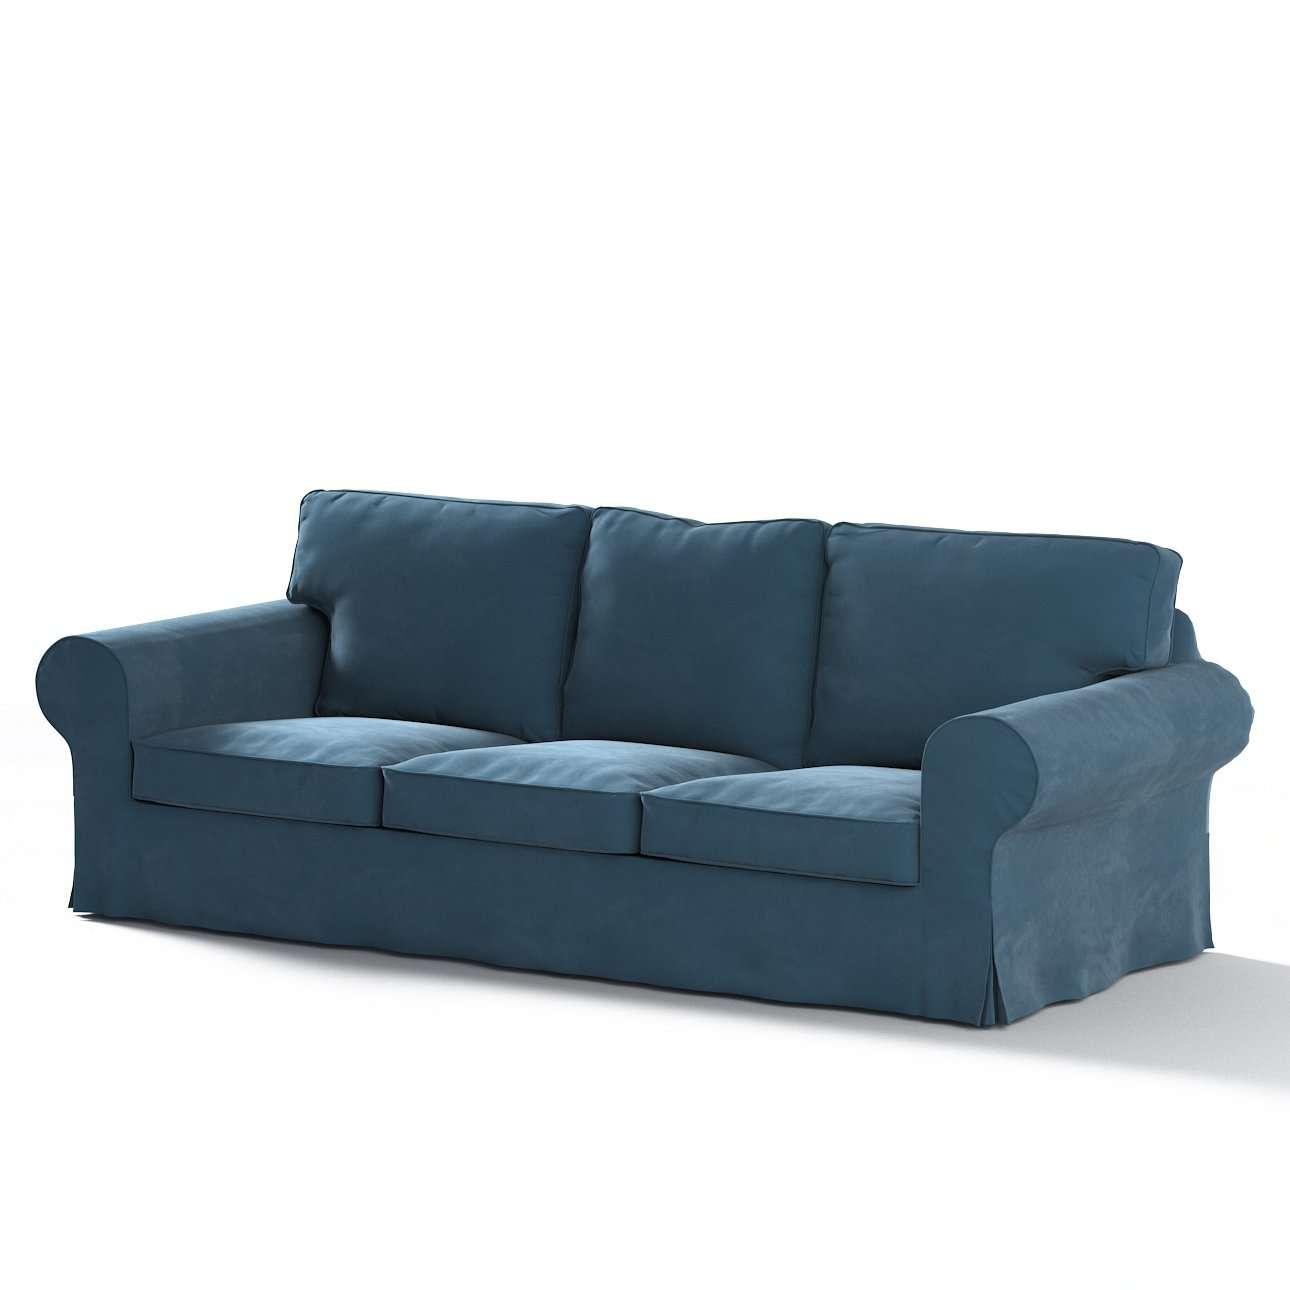 Ektorp 3-Sitzer Schlafsofabezug neues Modell (2013) von der Kollektion Velvet, Stoff: 704-16